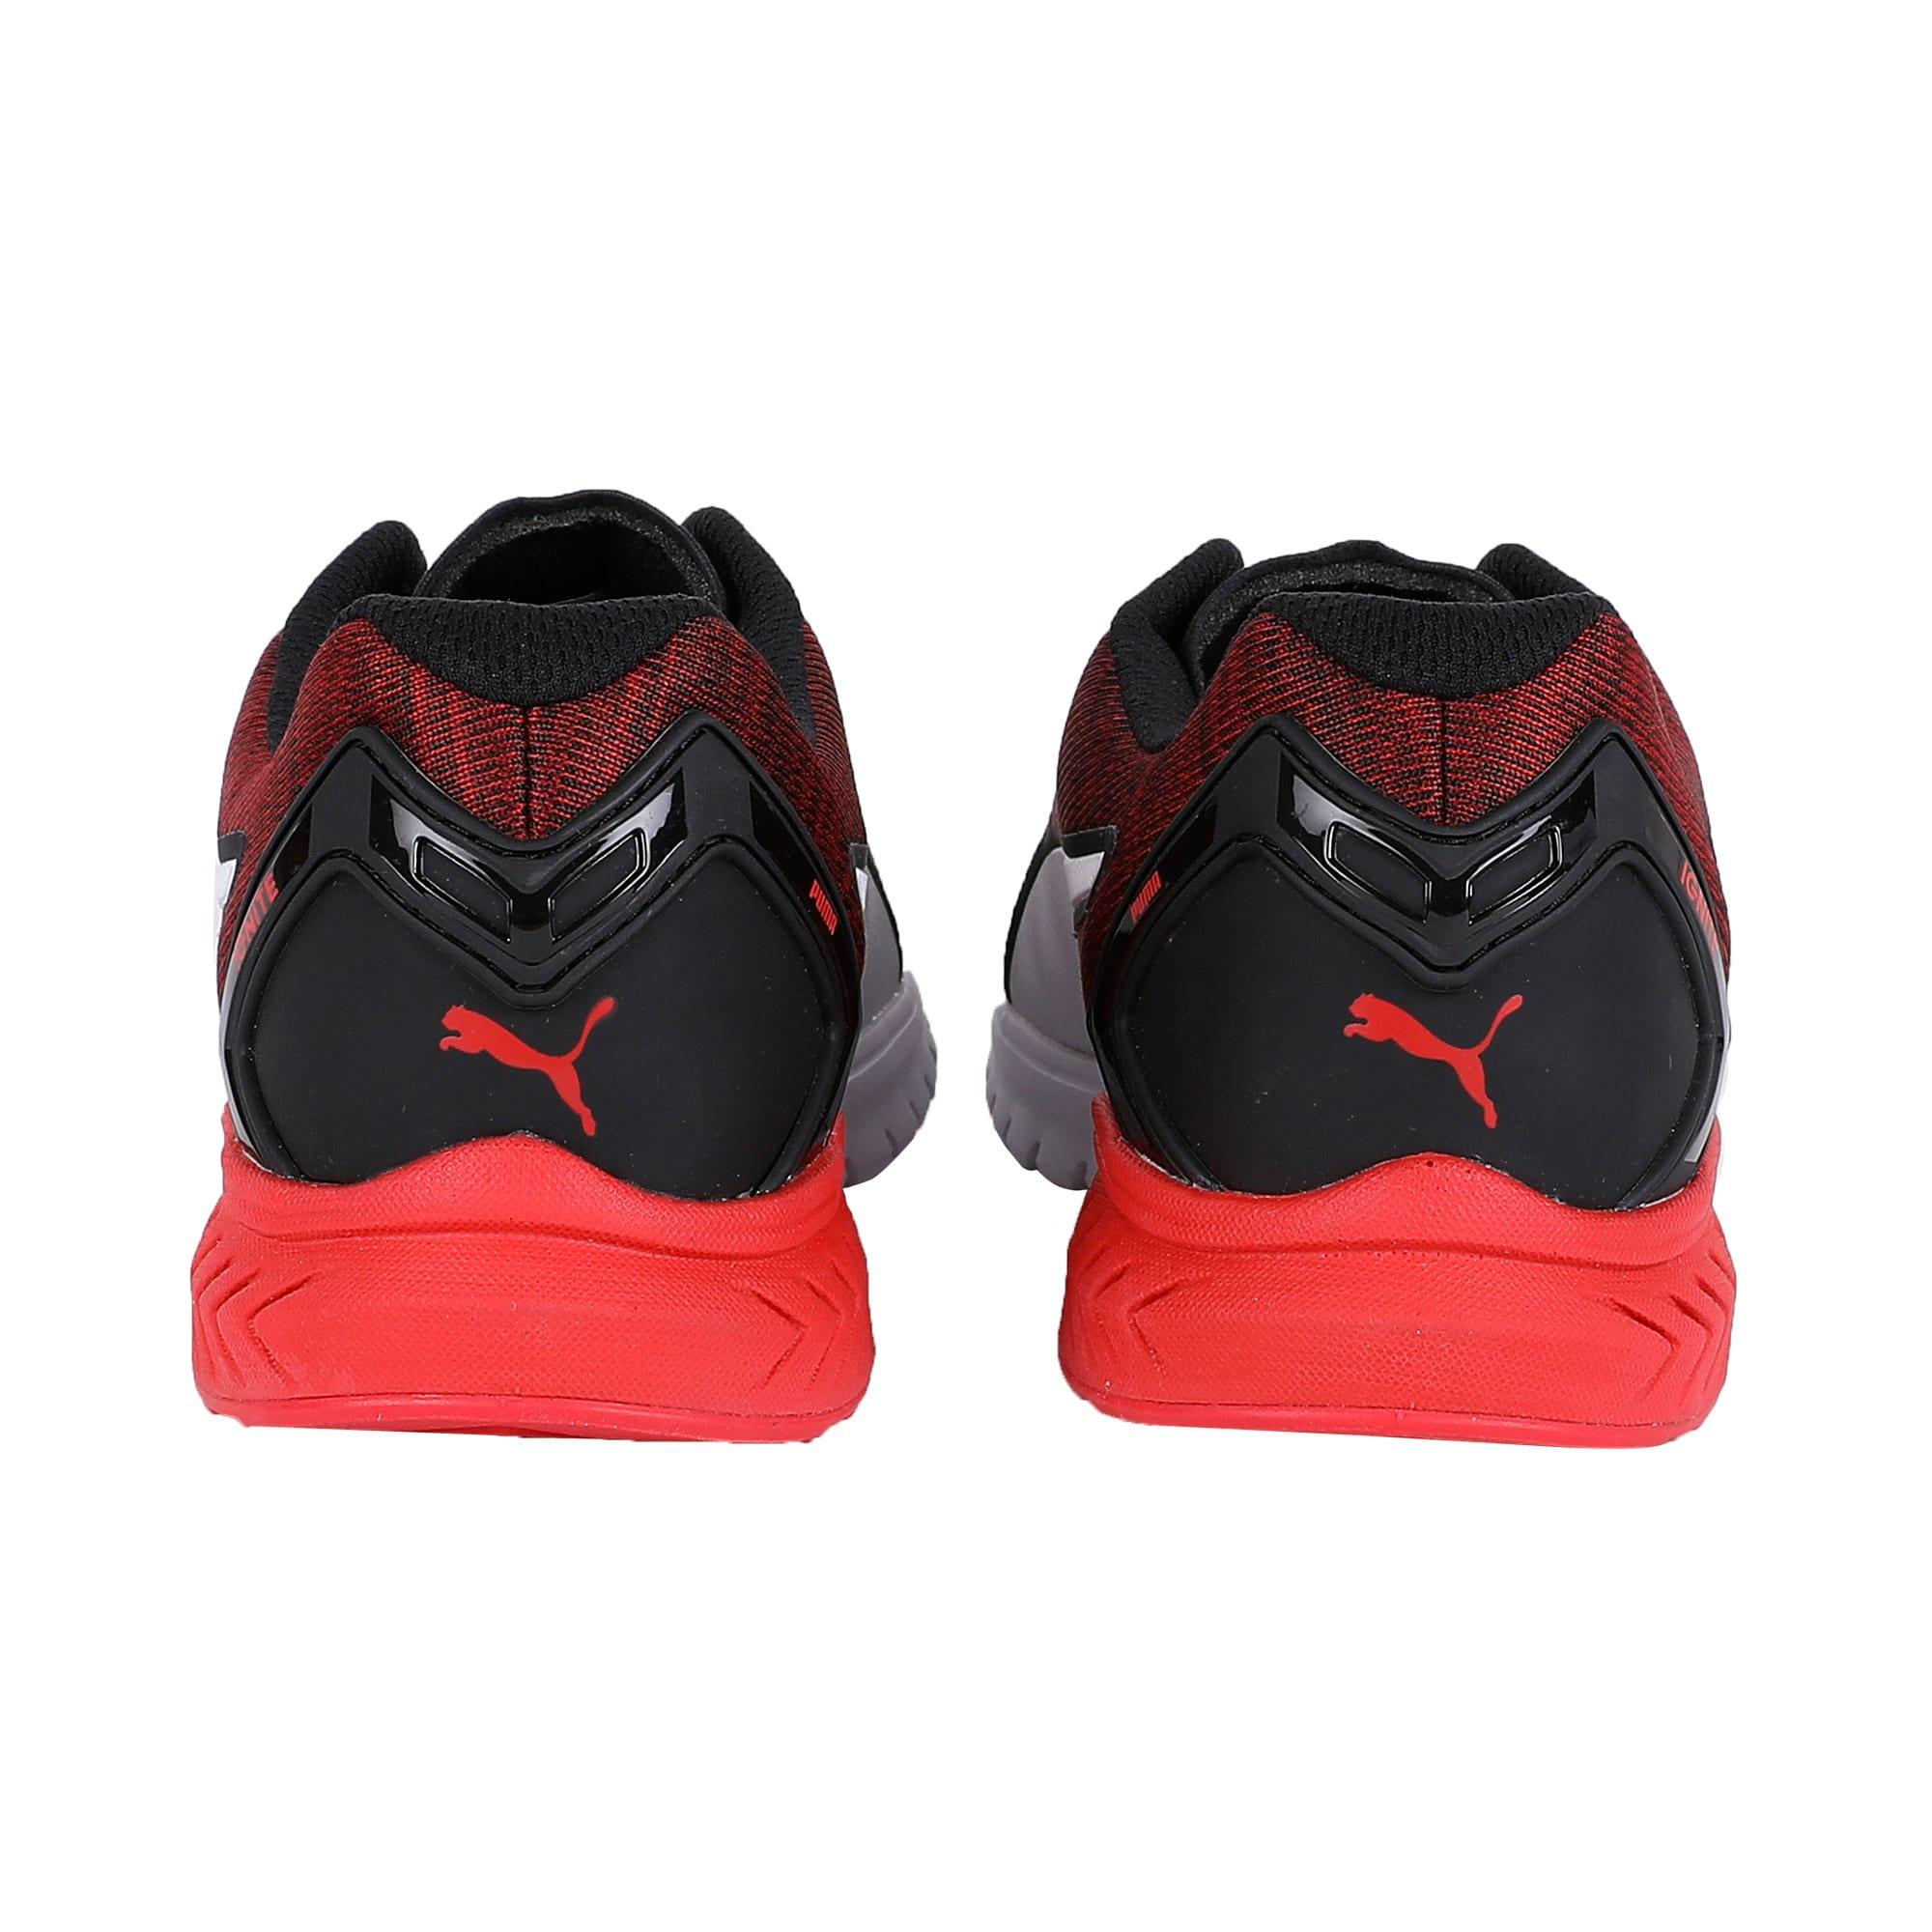 Thumbnail 2 of IGNITE Dual NM Puma Black-Ribbon Red-Pum, Black-Ribbon Red-White, medium-IND